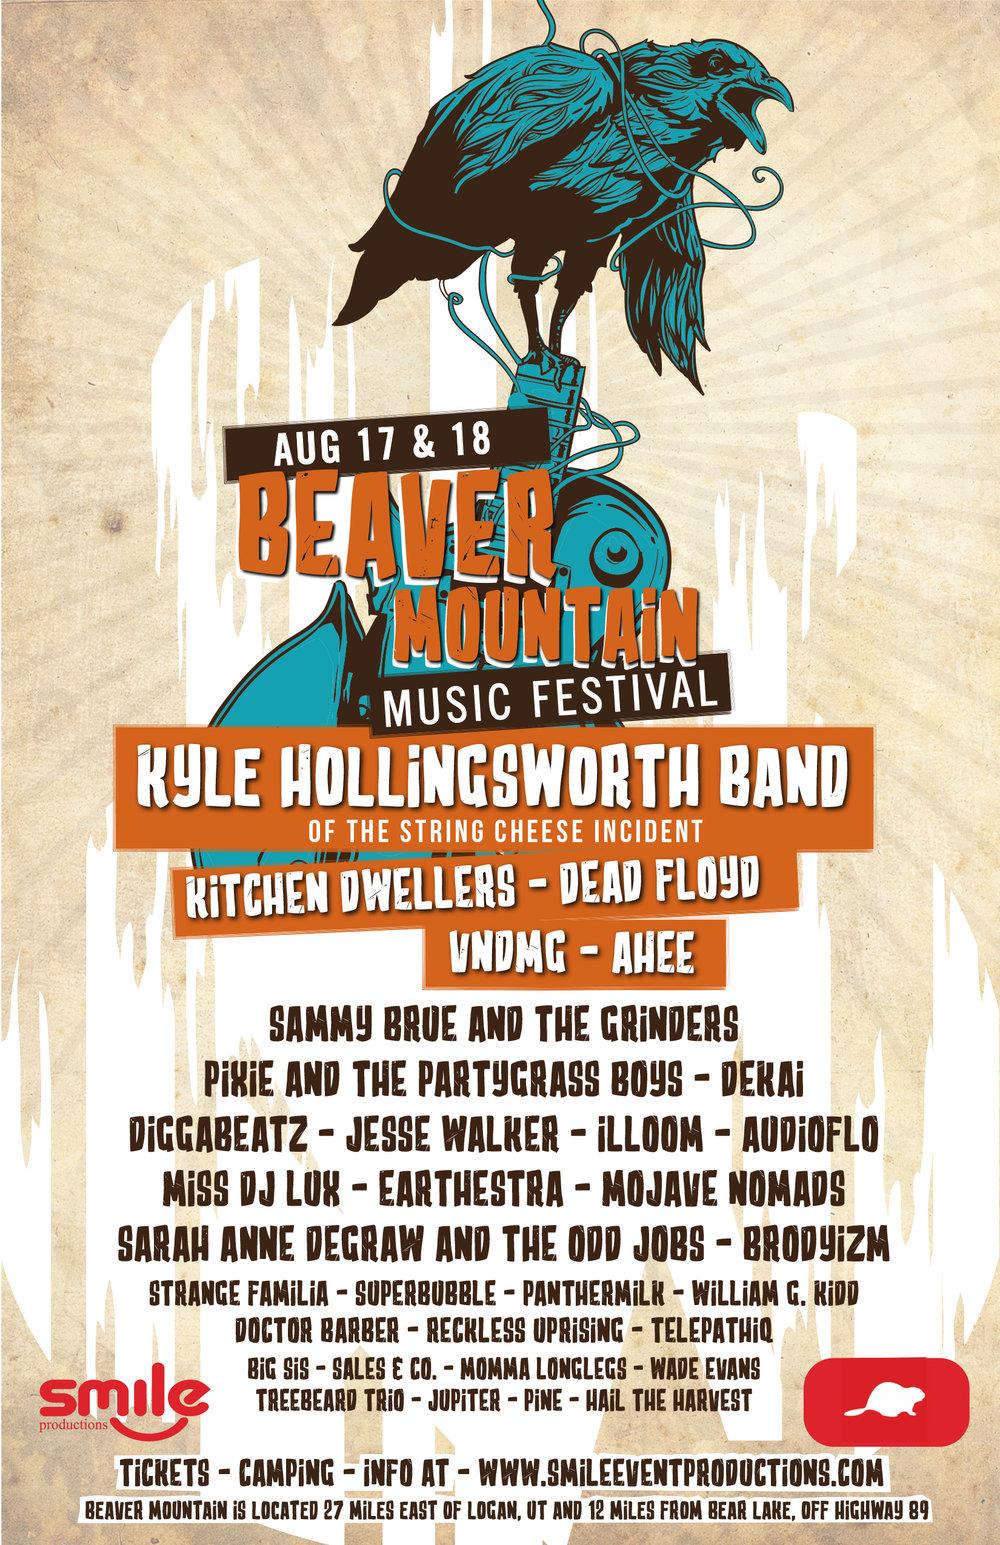 BMMF_BEAVER MOUNTAIN MUSIC FESTIVAL 2018-FRONT.jpg